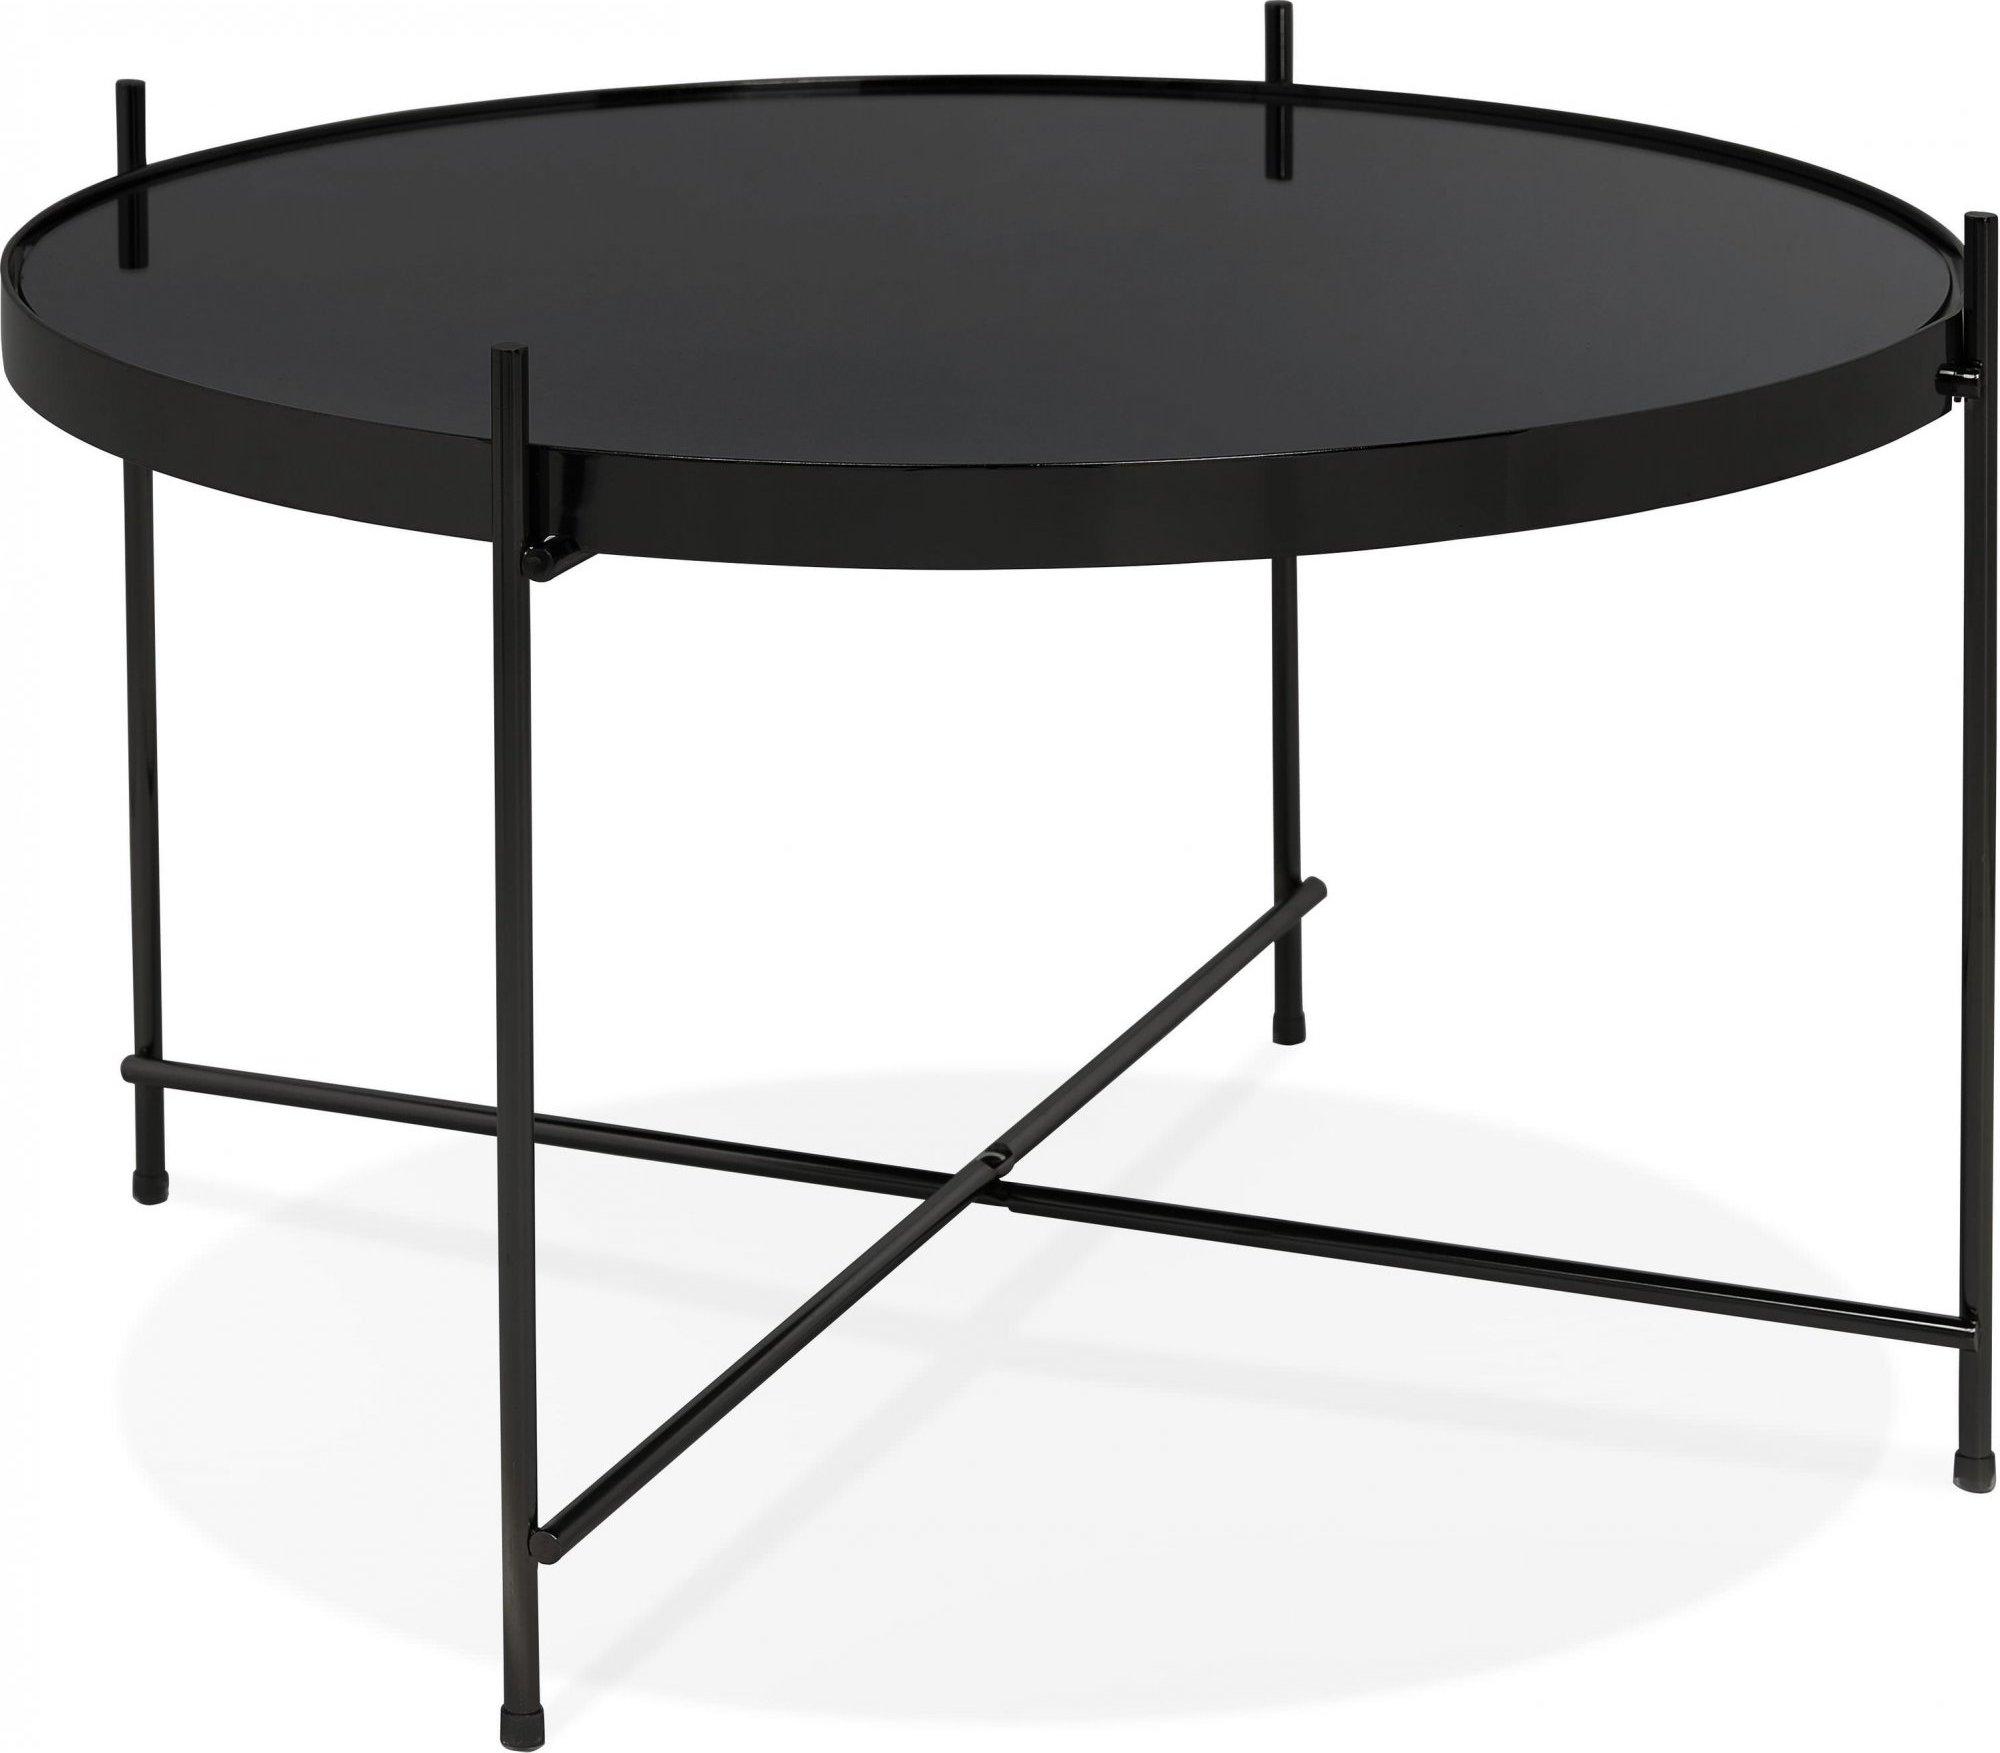 Table basse design métal et verre miroir noir d63cm